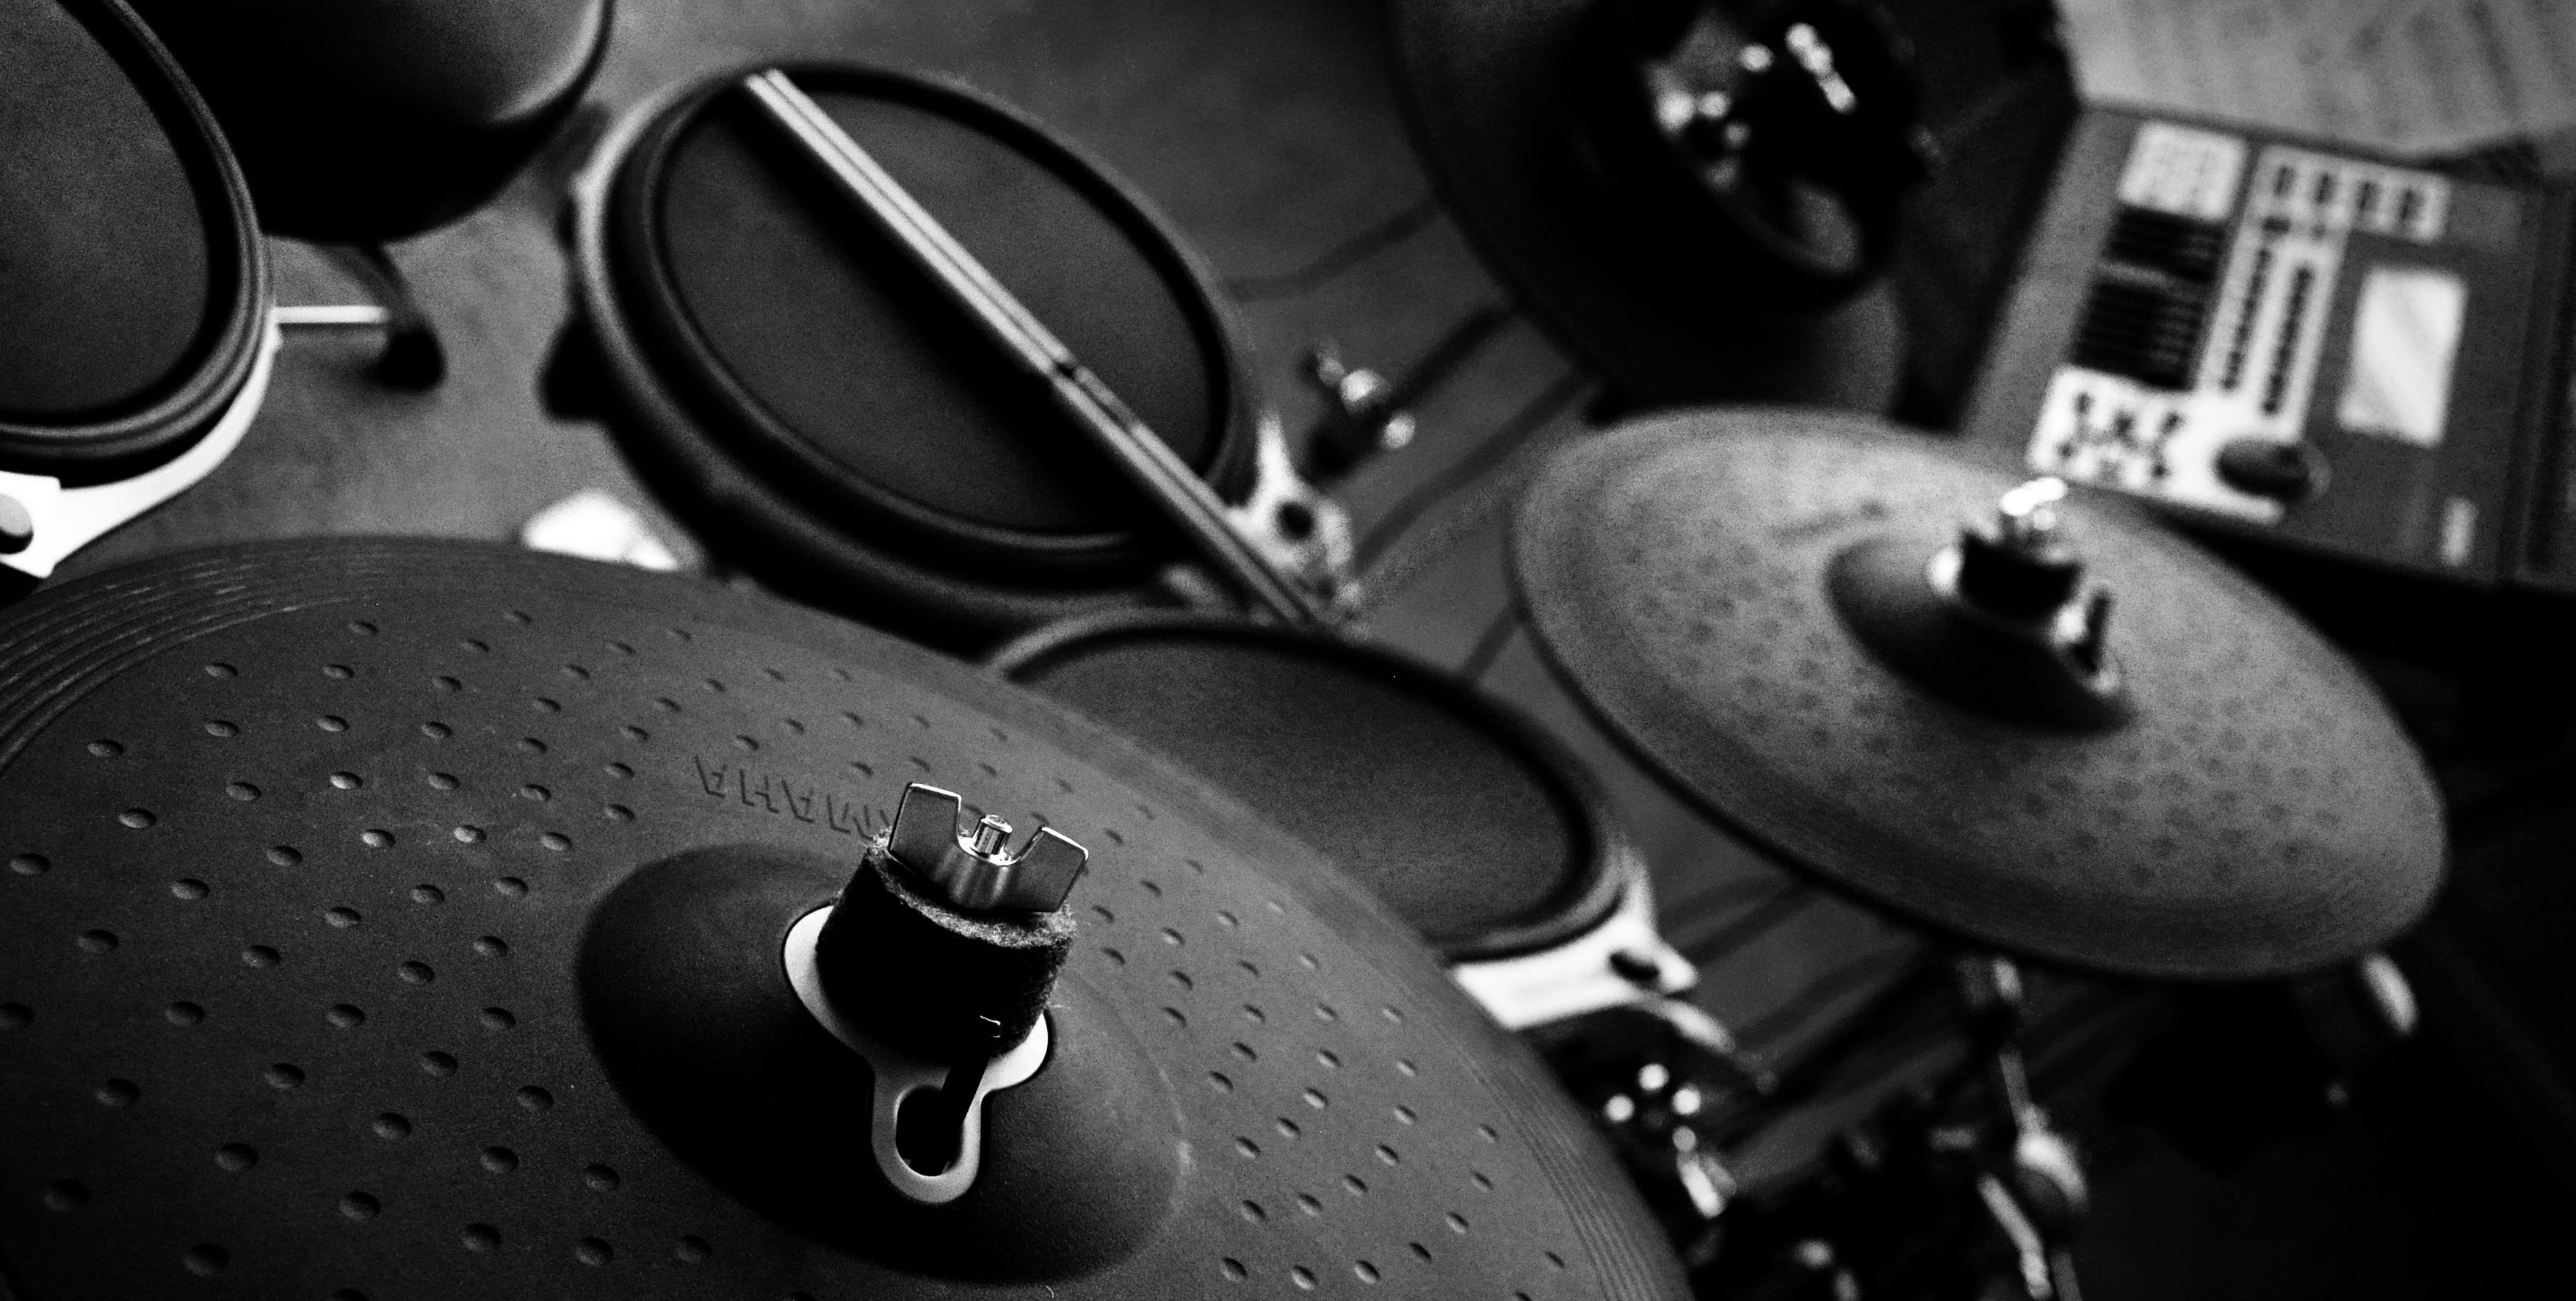 elektronisch drumkit the beatstation